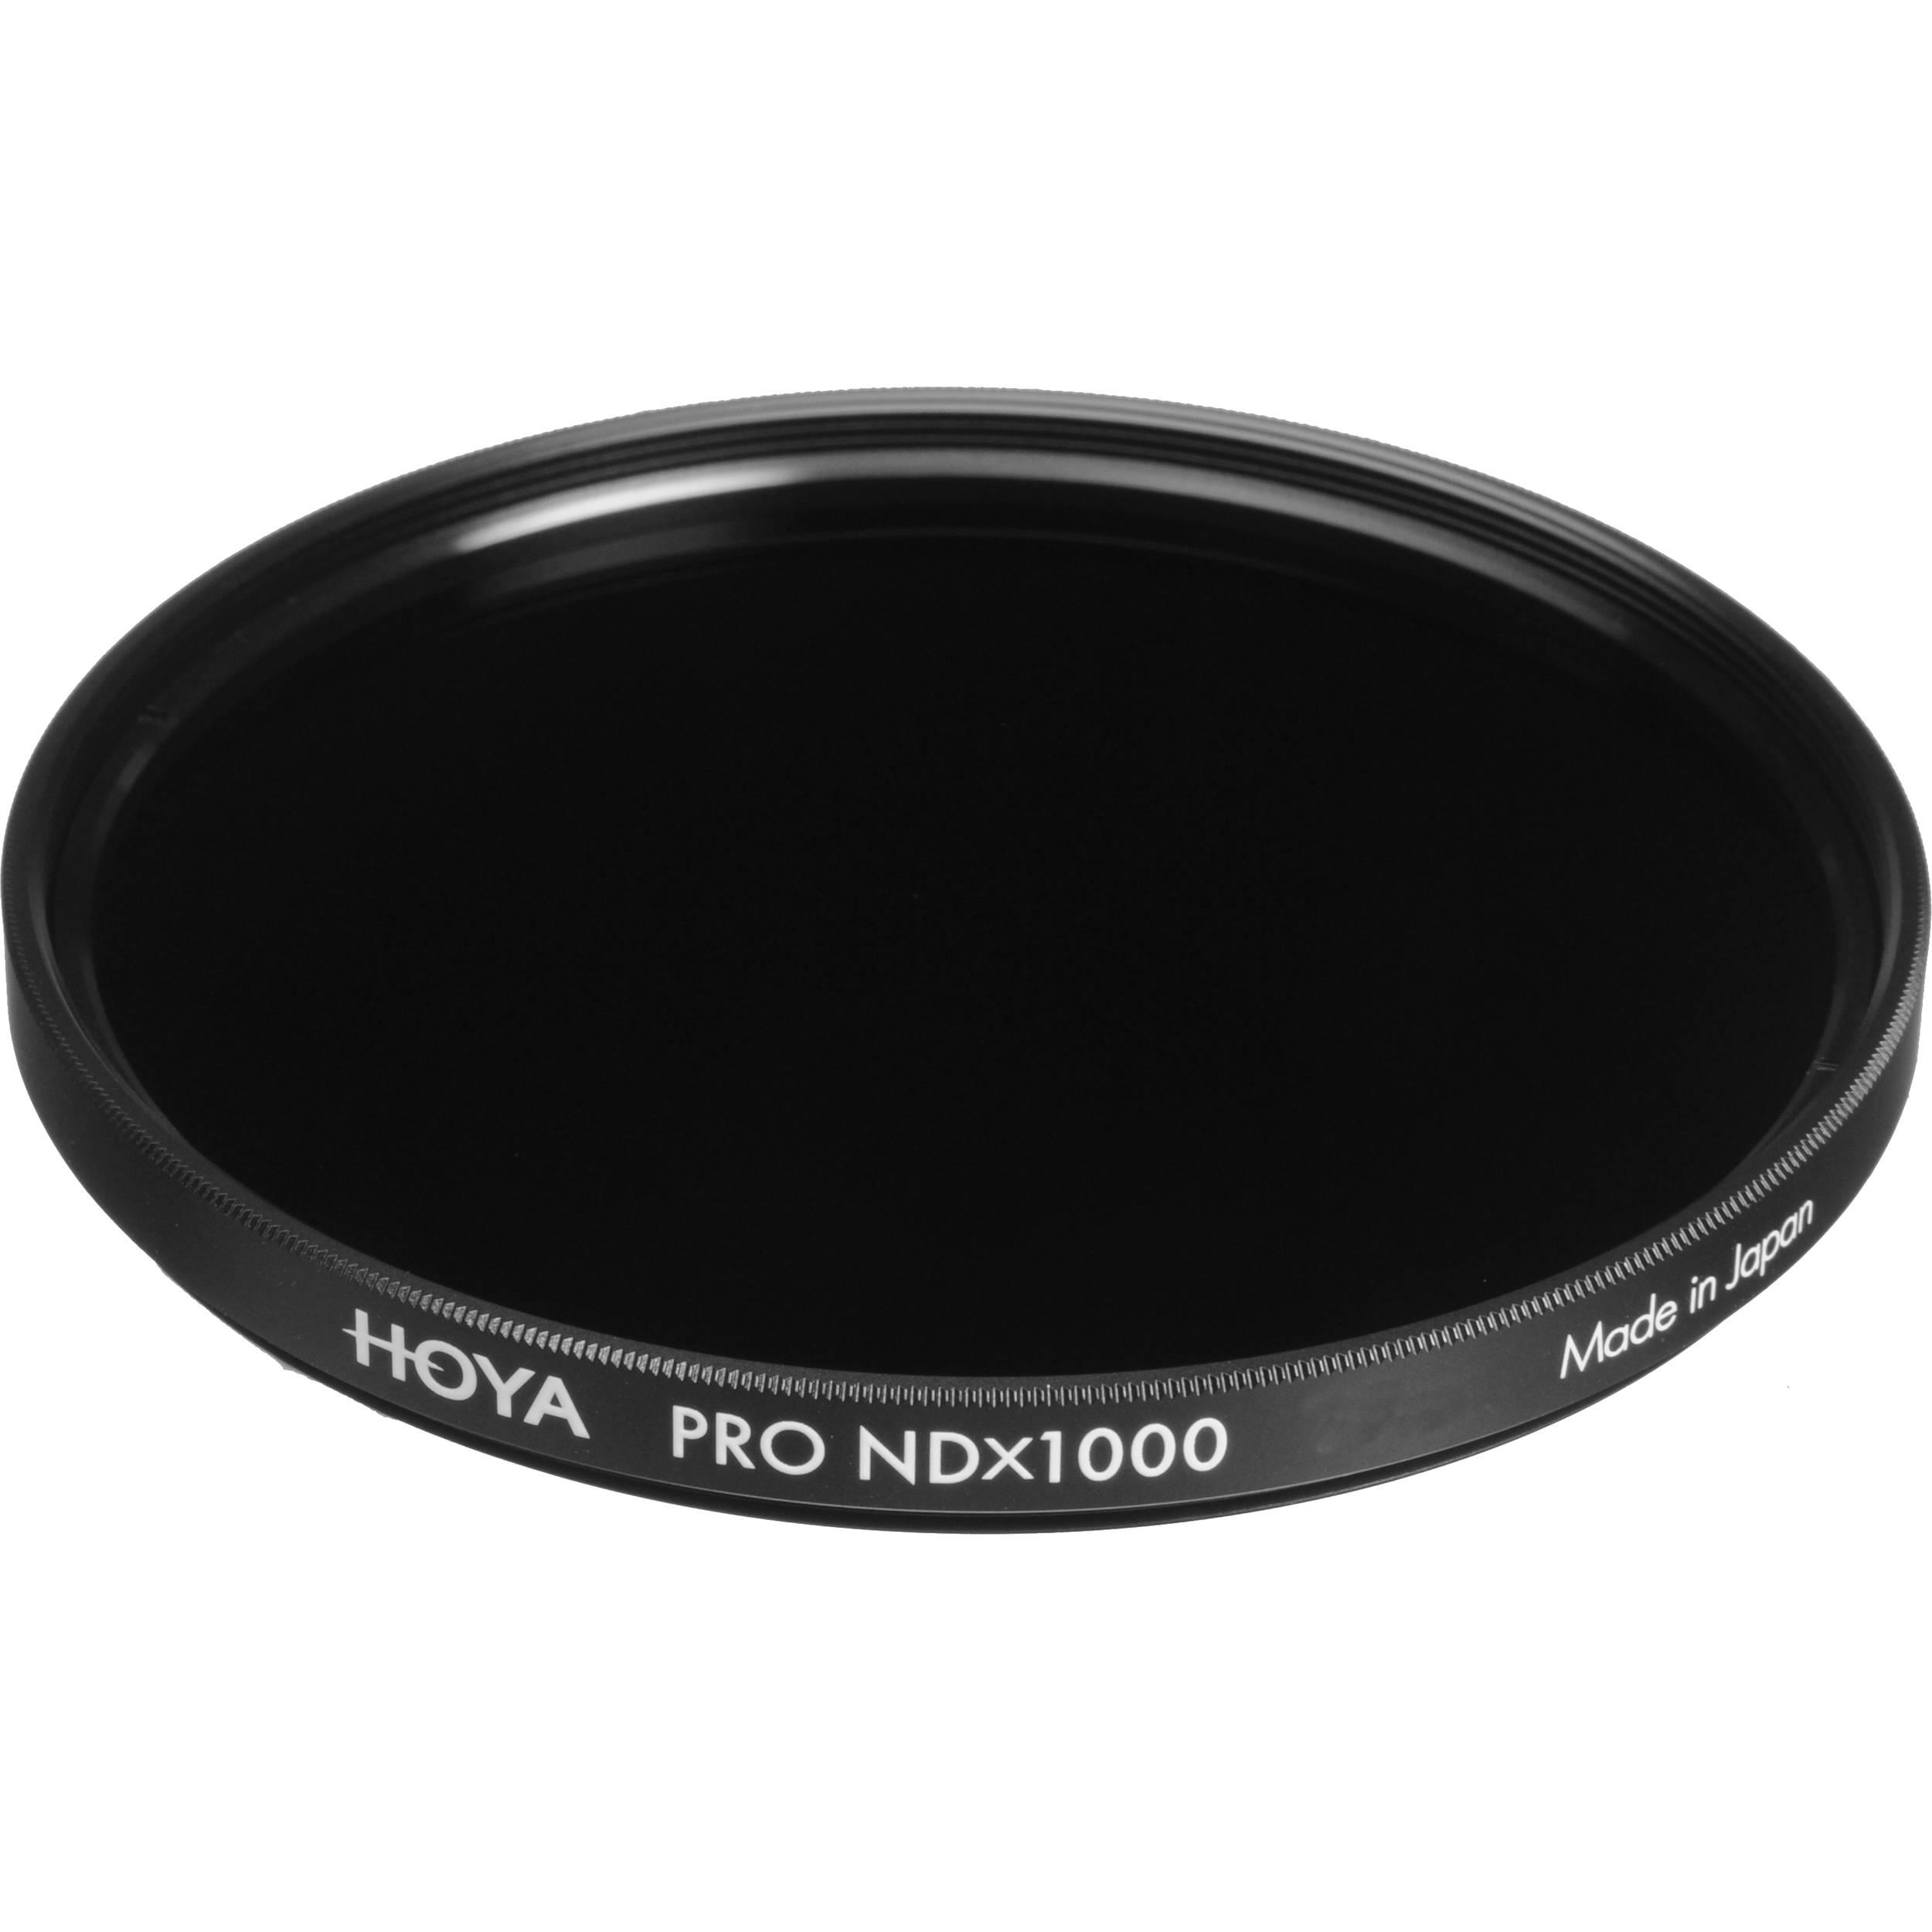 Hoya Filters Logo Hoya 77mm Prond1000 Filter